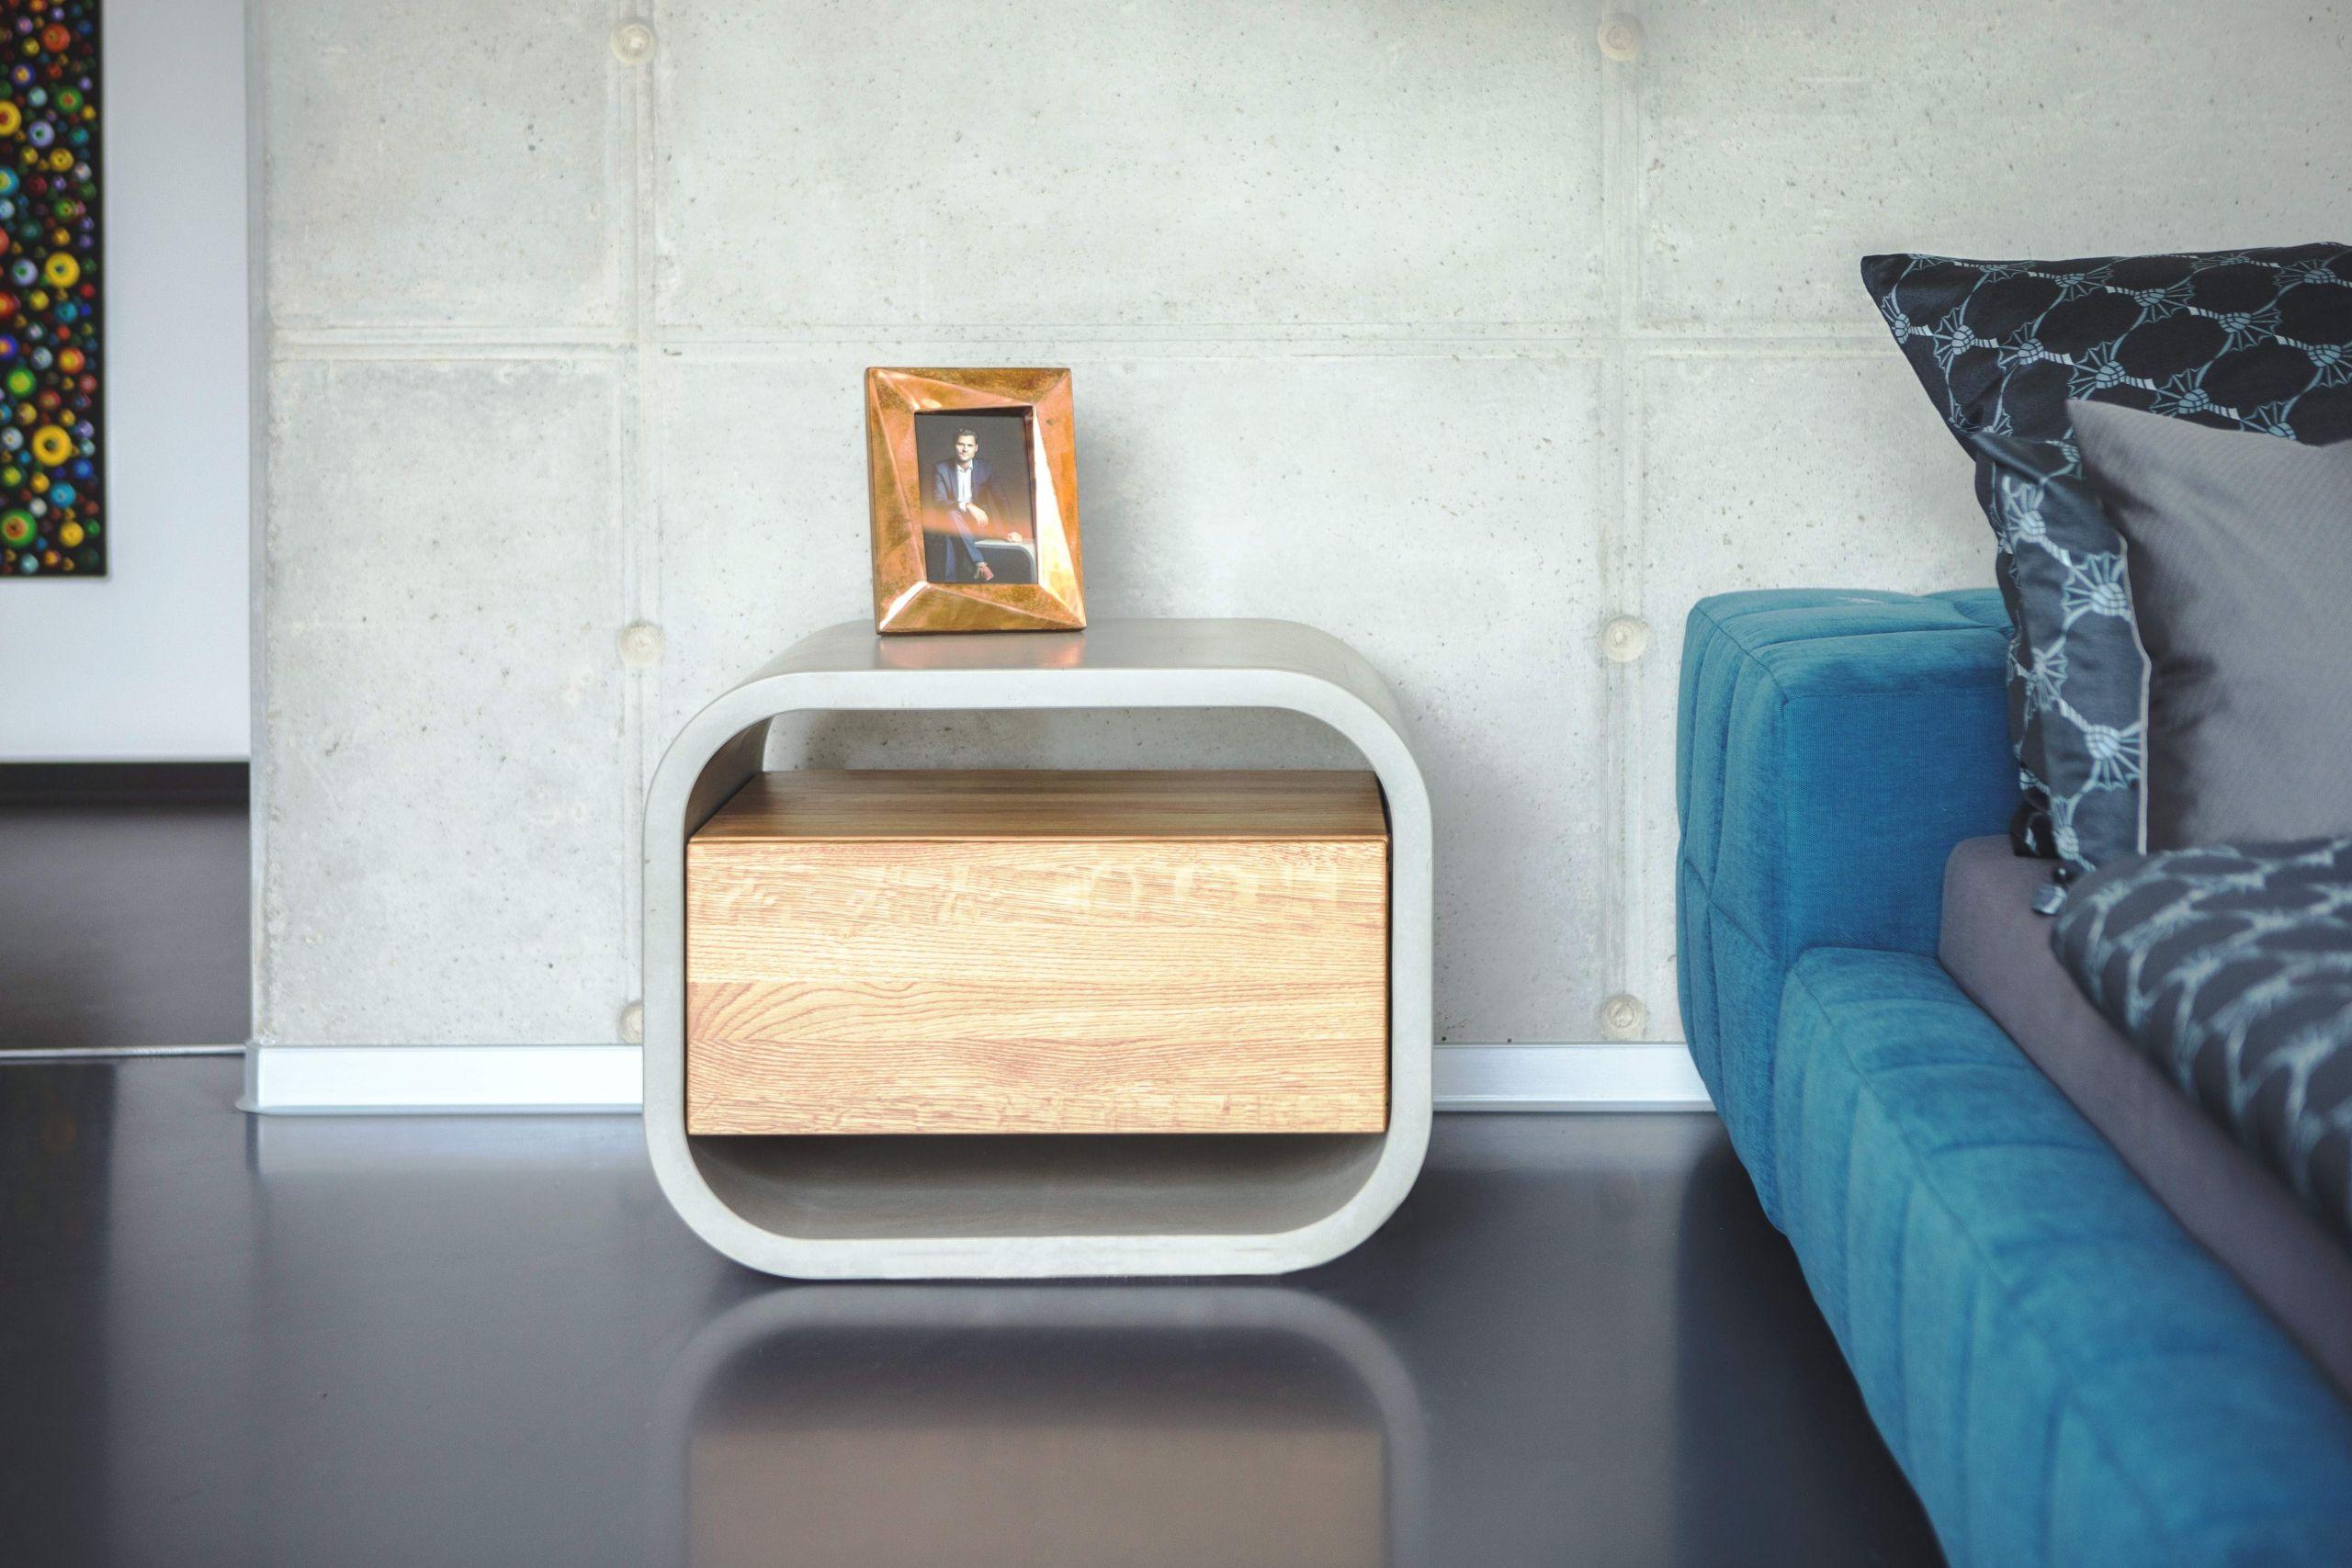 Frontansicht Beistellschrank aus Beton mit Schublade aus Holz